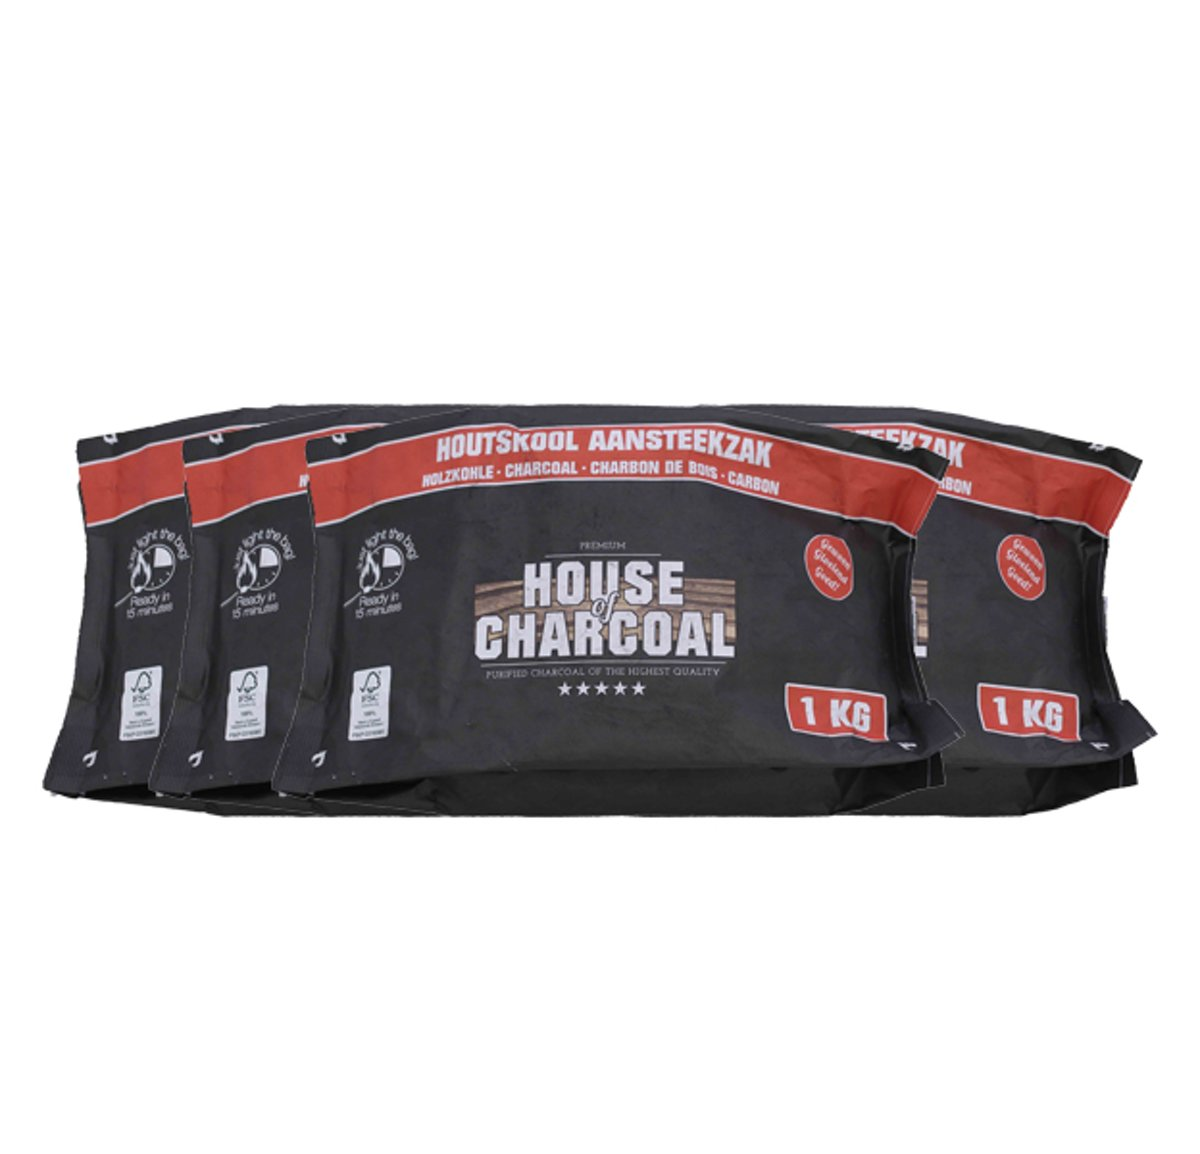 House of Charcoal Light the bag Houtskool FSC 1kg - 4 stuks kopen